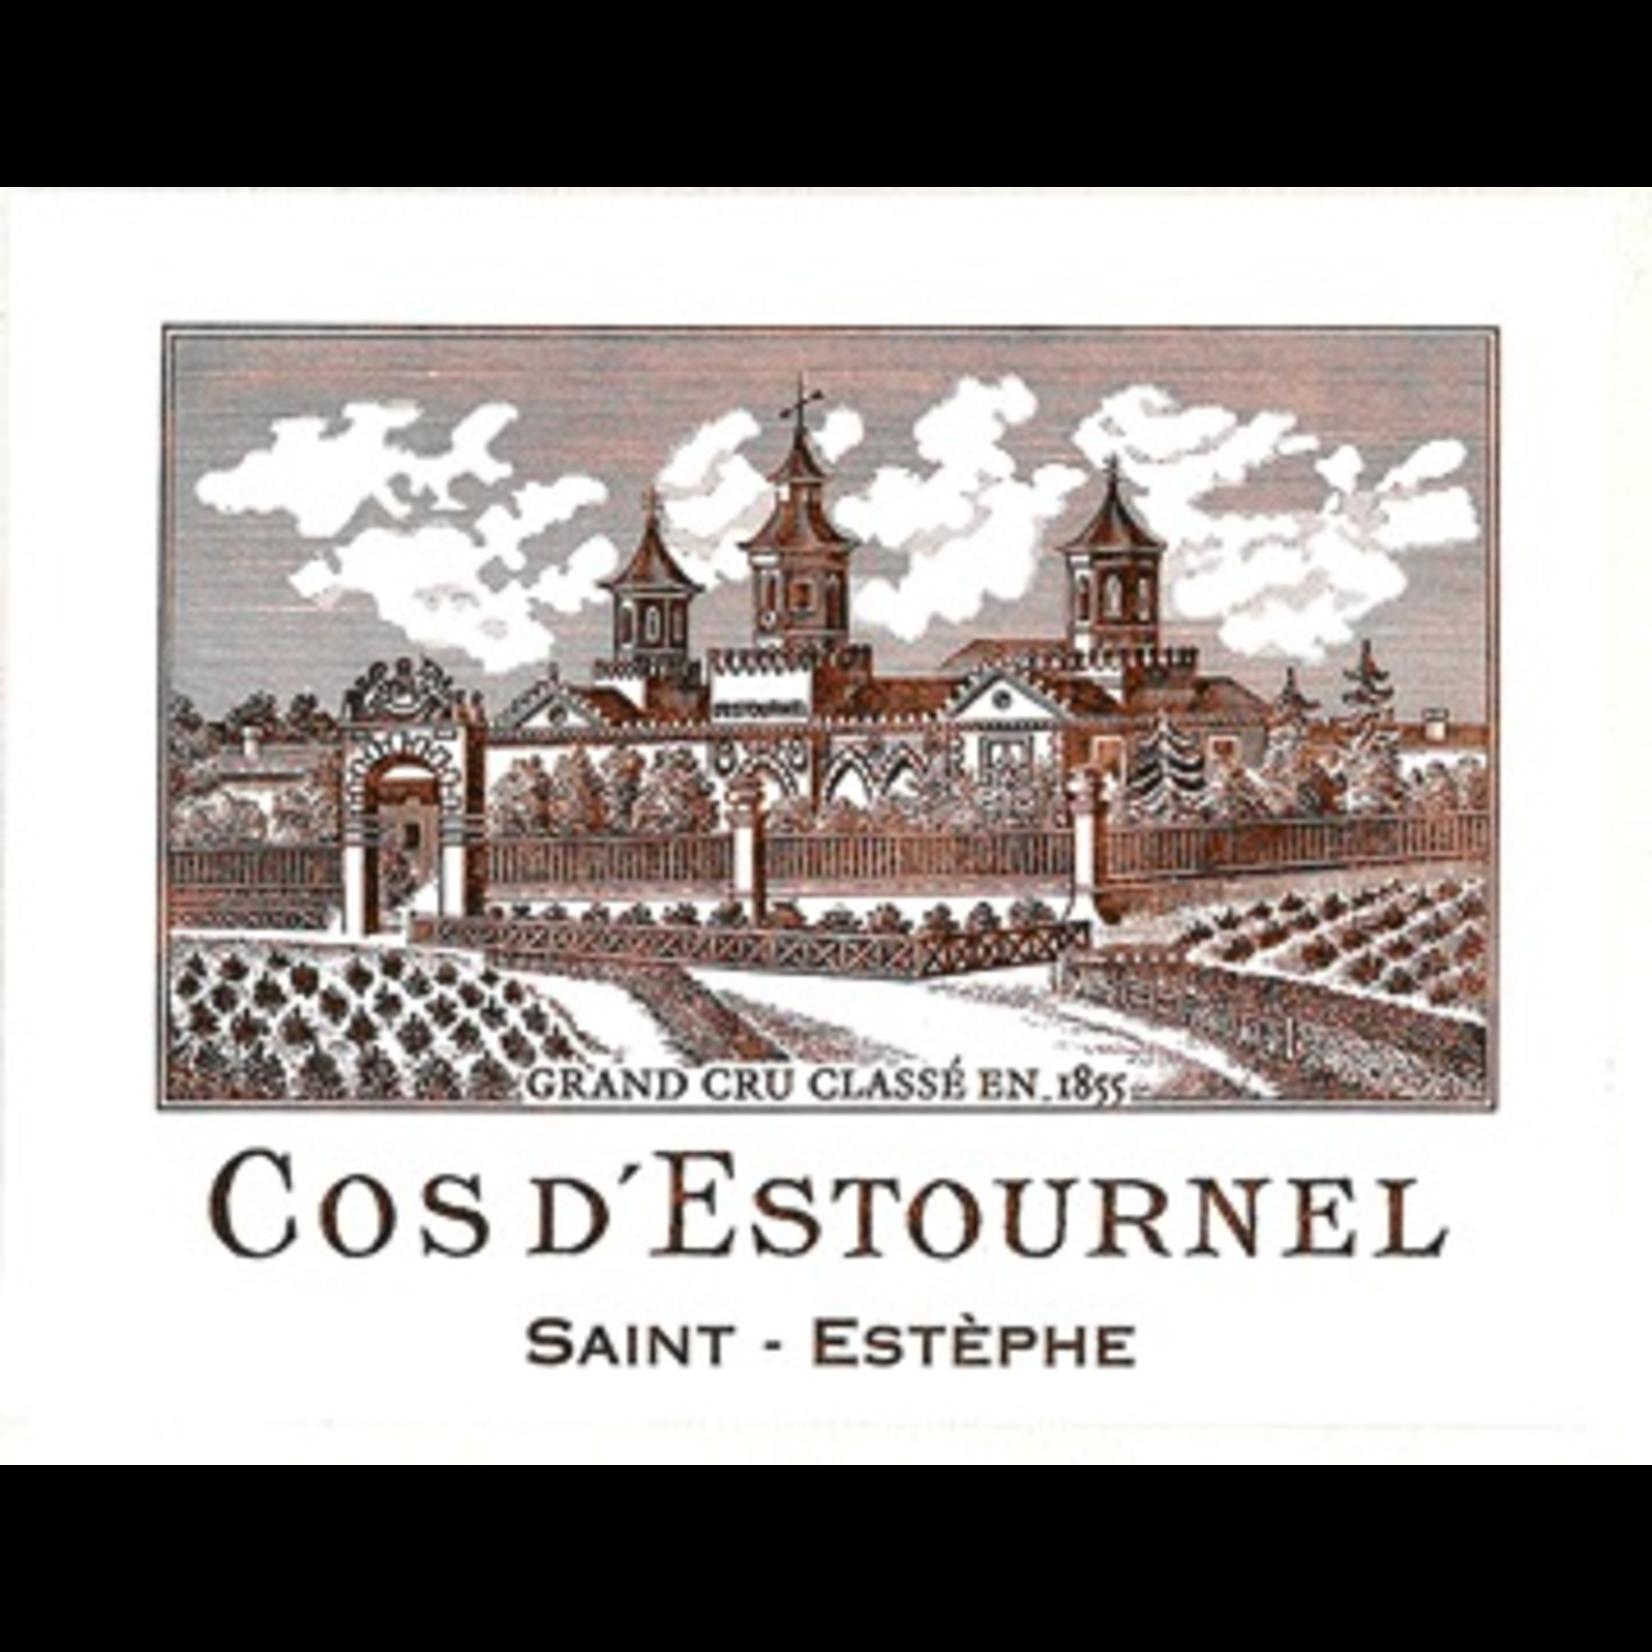 Wine Cos d'Estournel 2013